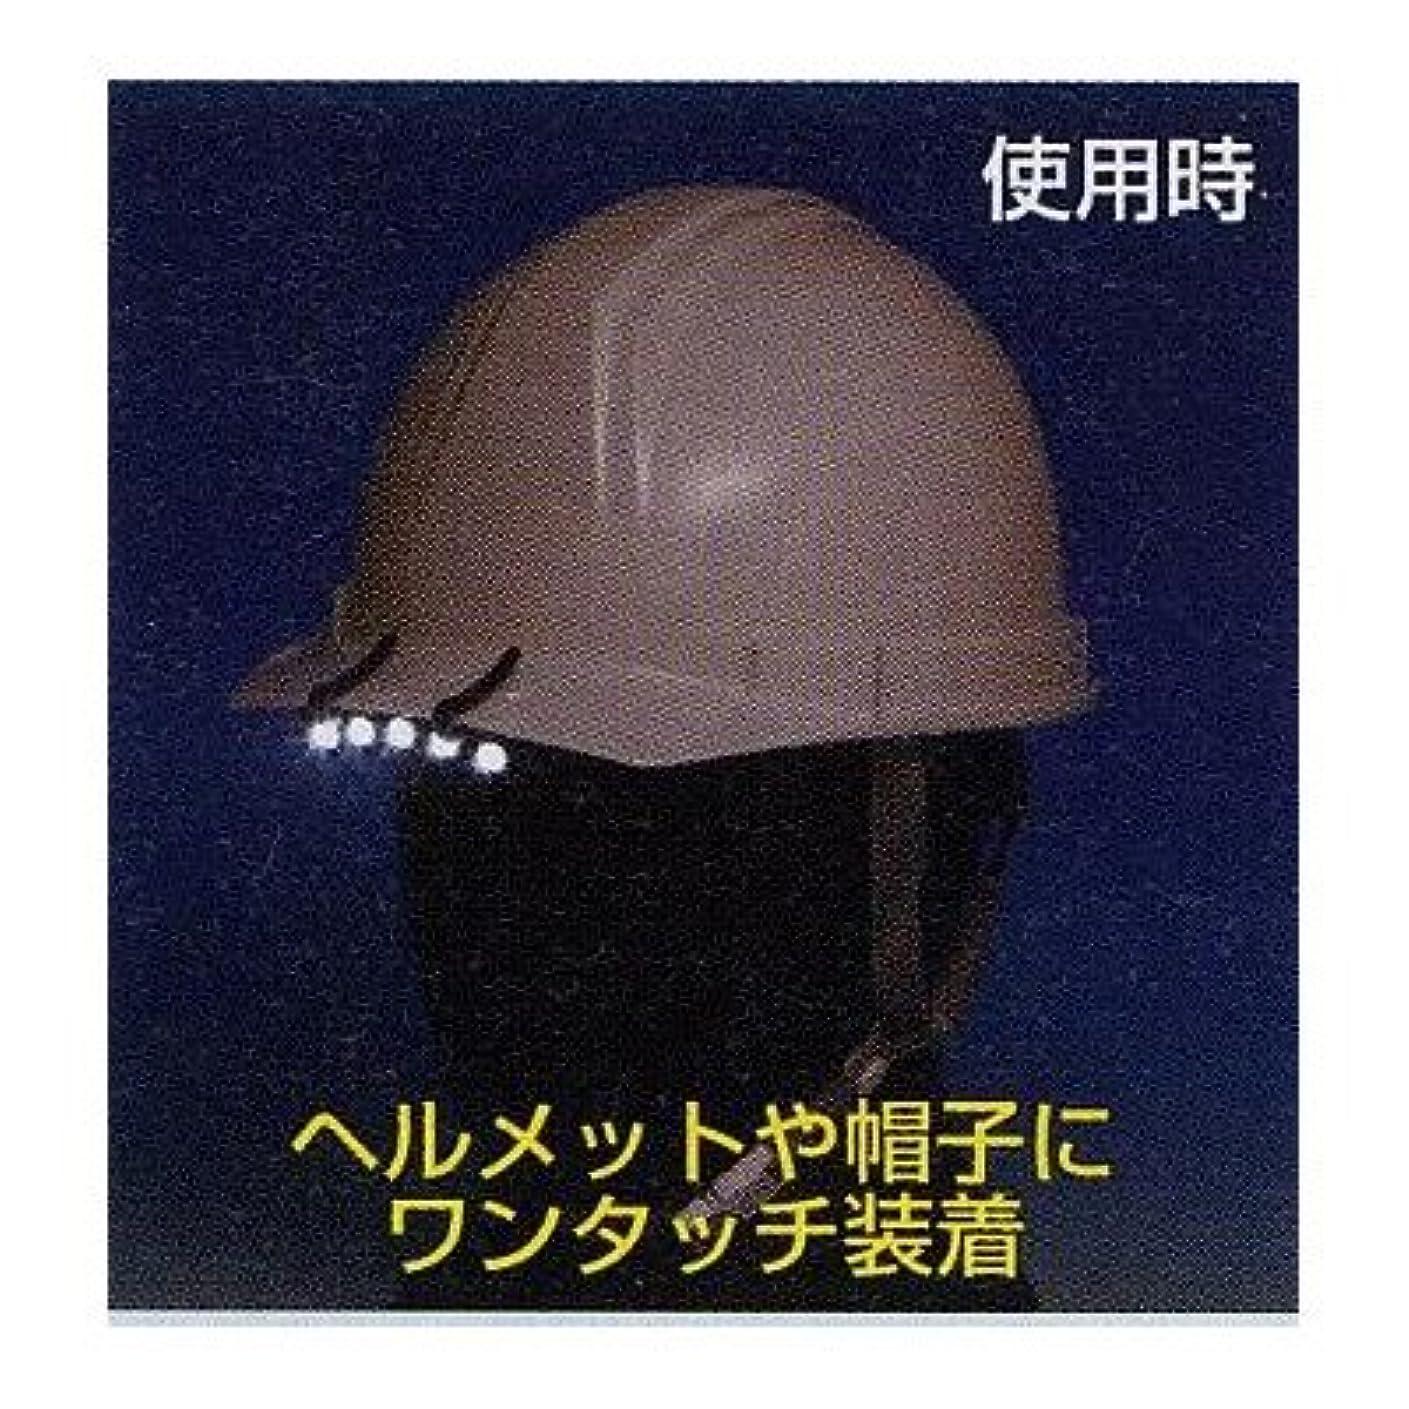 子過半数あいまいつくし工房 ヘルメット(野球帽)装着式 LEDライト バイザーライト 3143